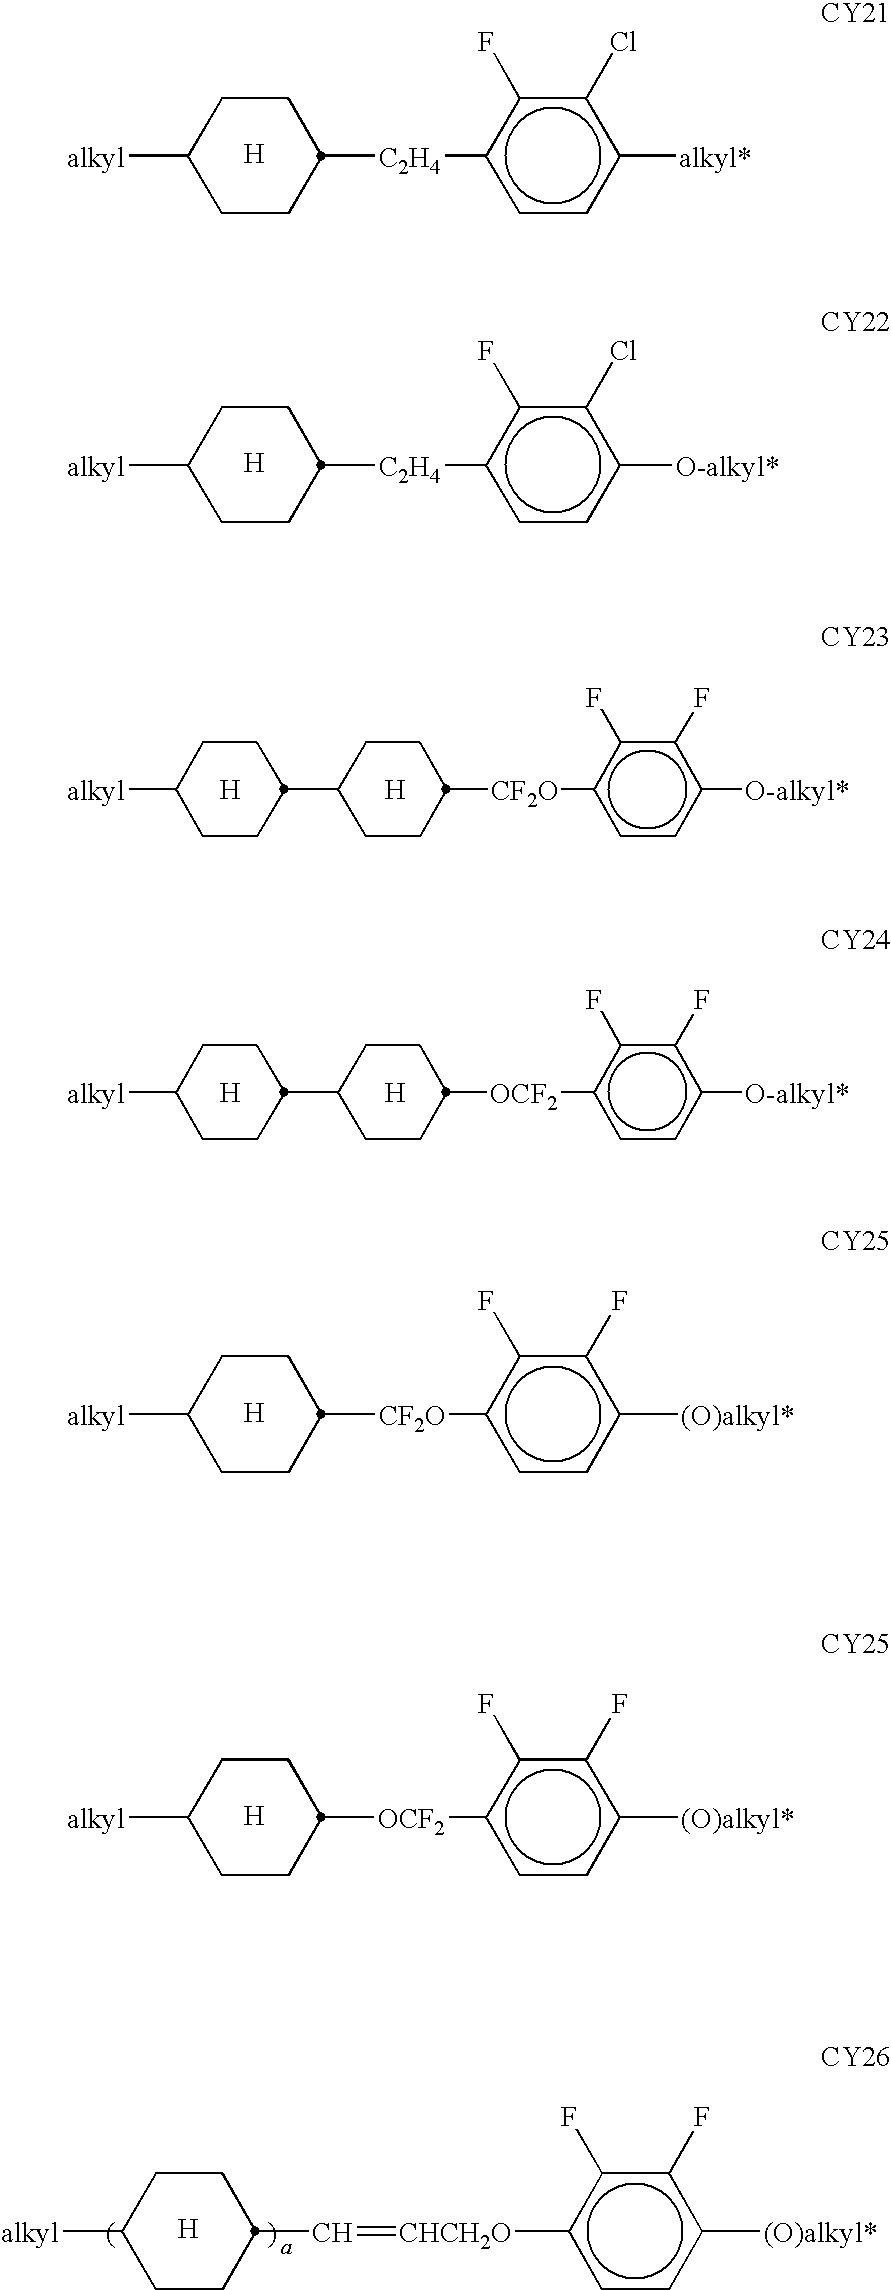 Figure US20100304049A1-20101202-C00021